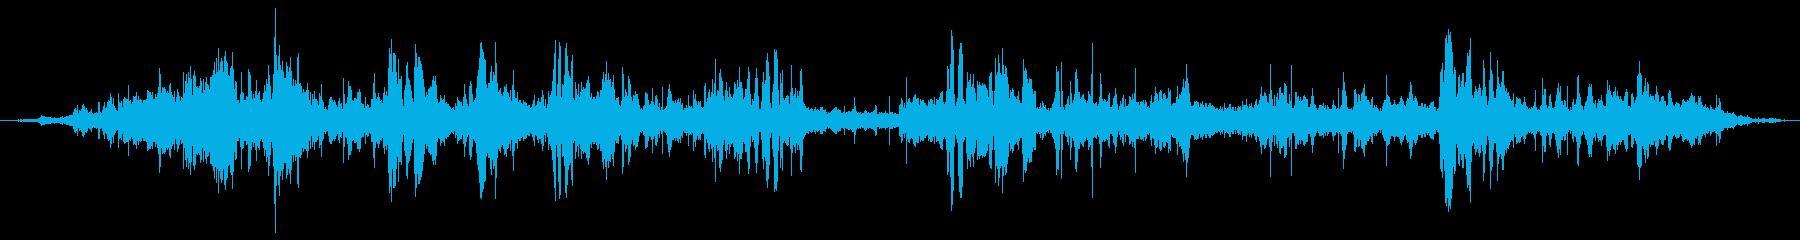 屋内プールの声の再生済みの波形